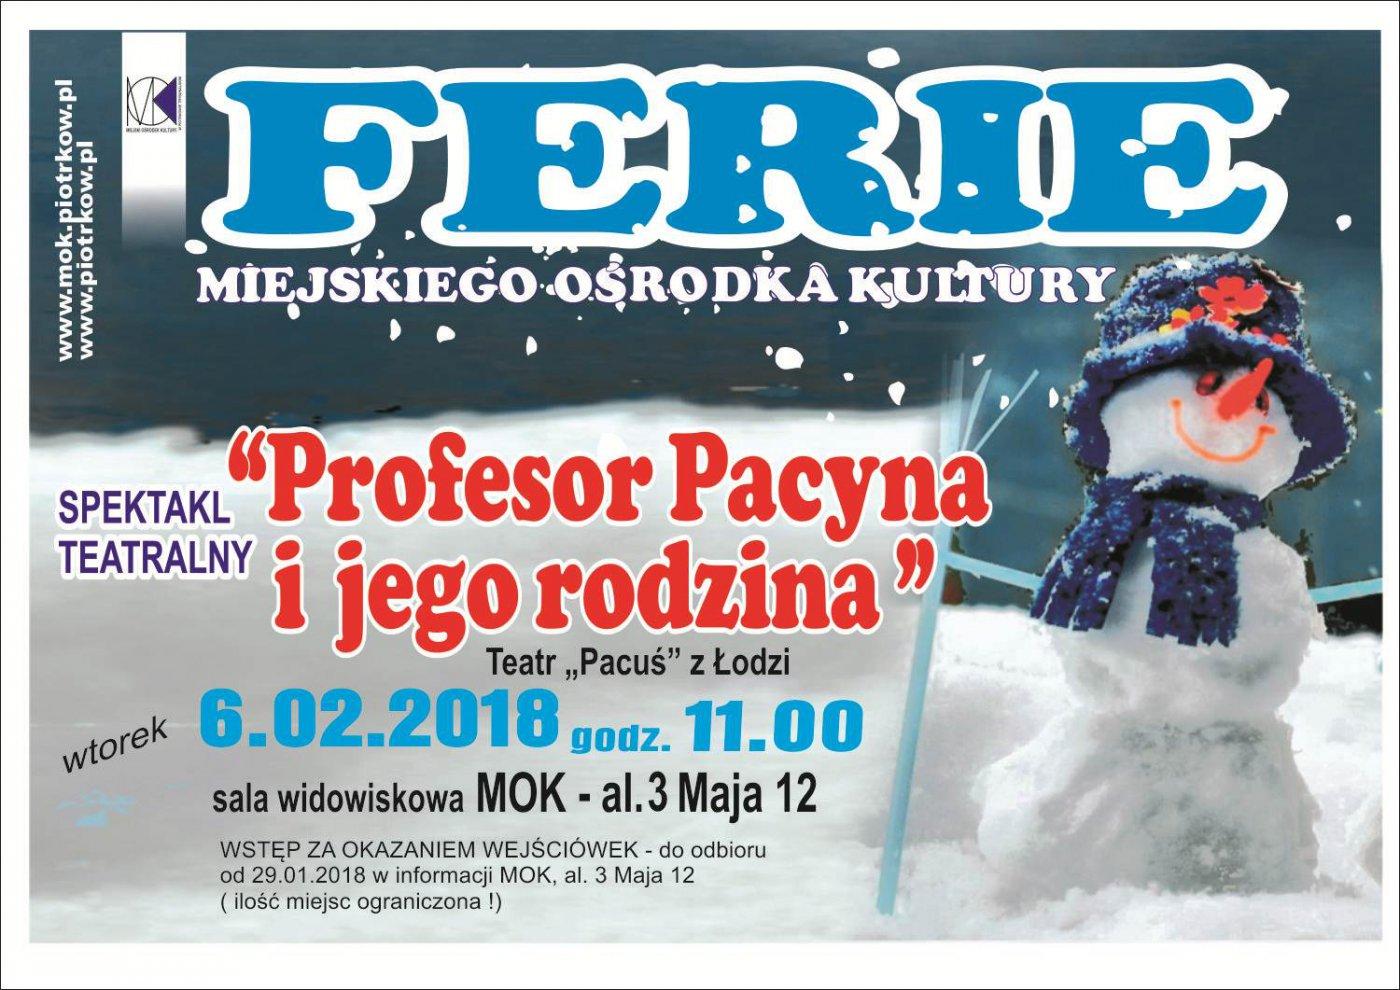 Ferie zimowe w MOK - spektakl teatralny dla dzieci pt: